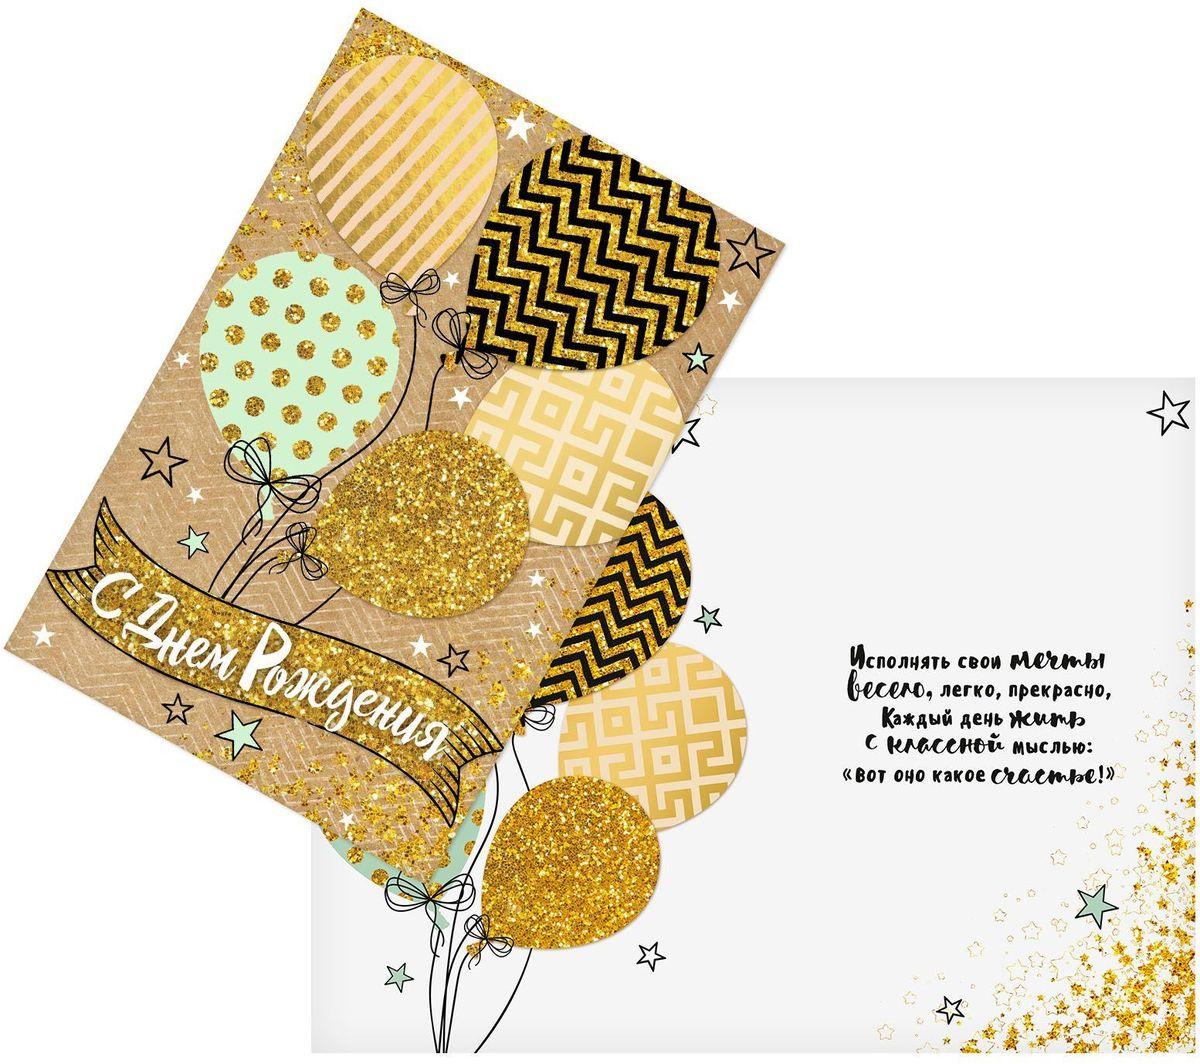 Открытка Дарите cчастье Золотые шары, 12 х 18 смTHN132NАтмосферу праздника создают детали: свечи, цветы, бокалы, воздушные шары и поздравительные открытки — яркие и весёлые, романтичные и нежные, милые и трогательные. Расскажите о своих чувствах дорогому для вас человеку, поделитесь радостью с близкими и друзьями. Открытка с креативным дизайном вам в этом поможет.